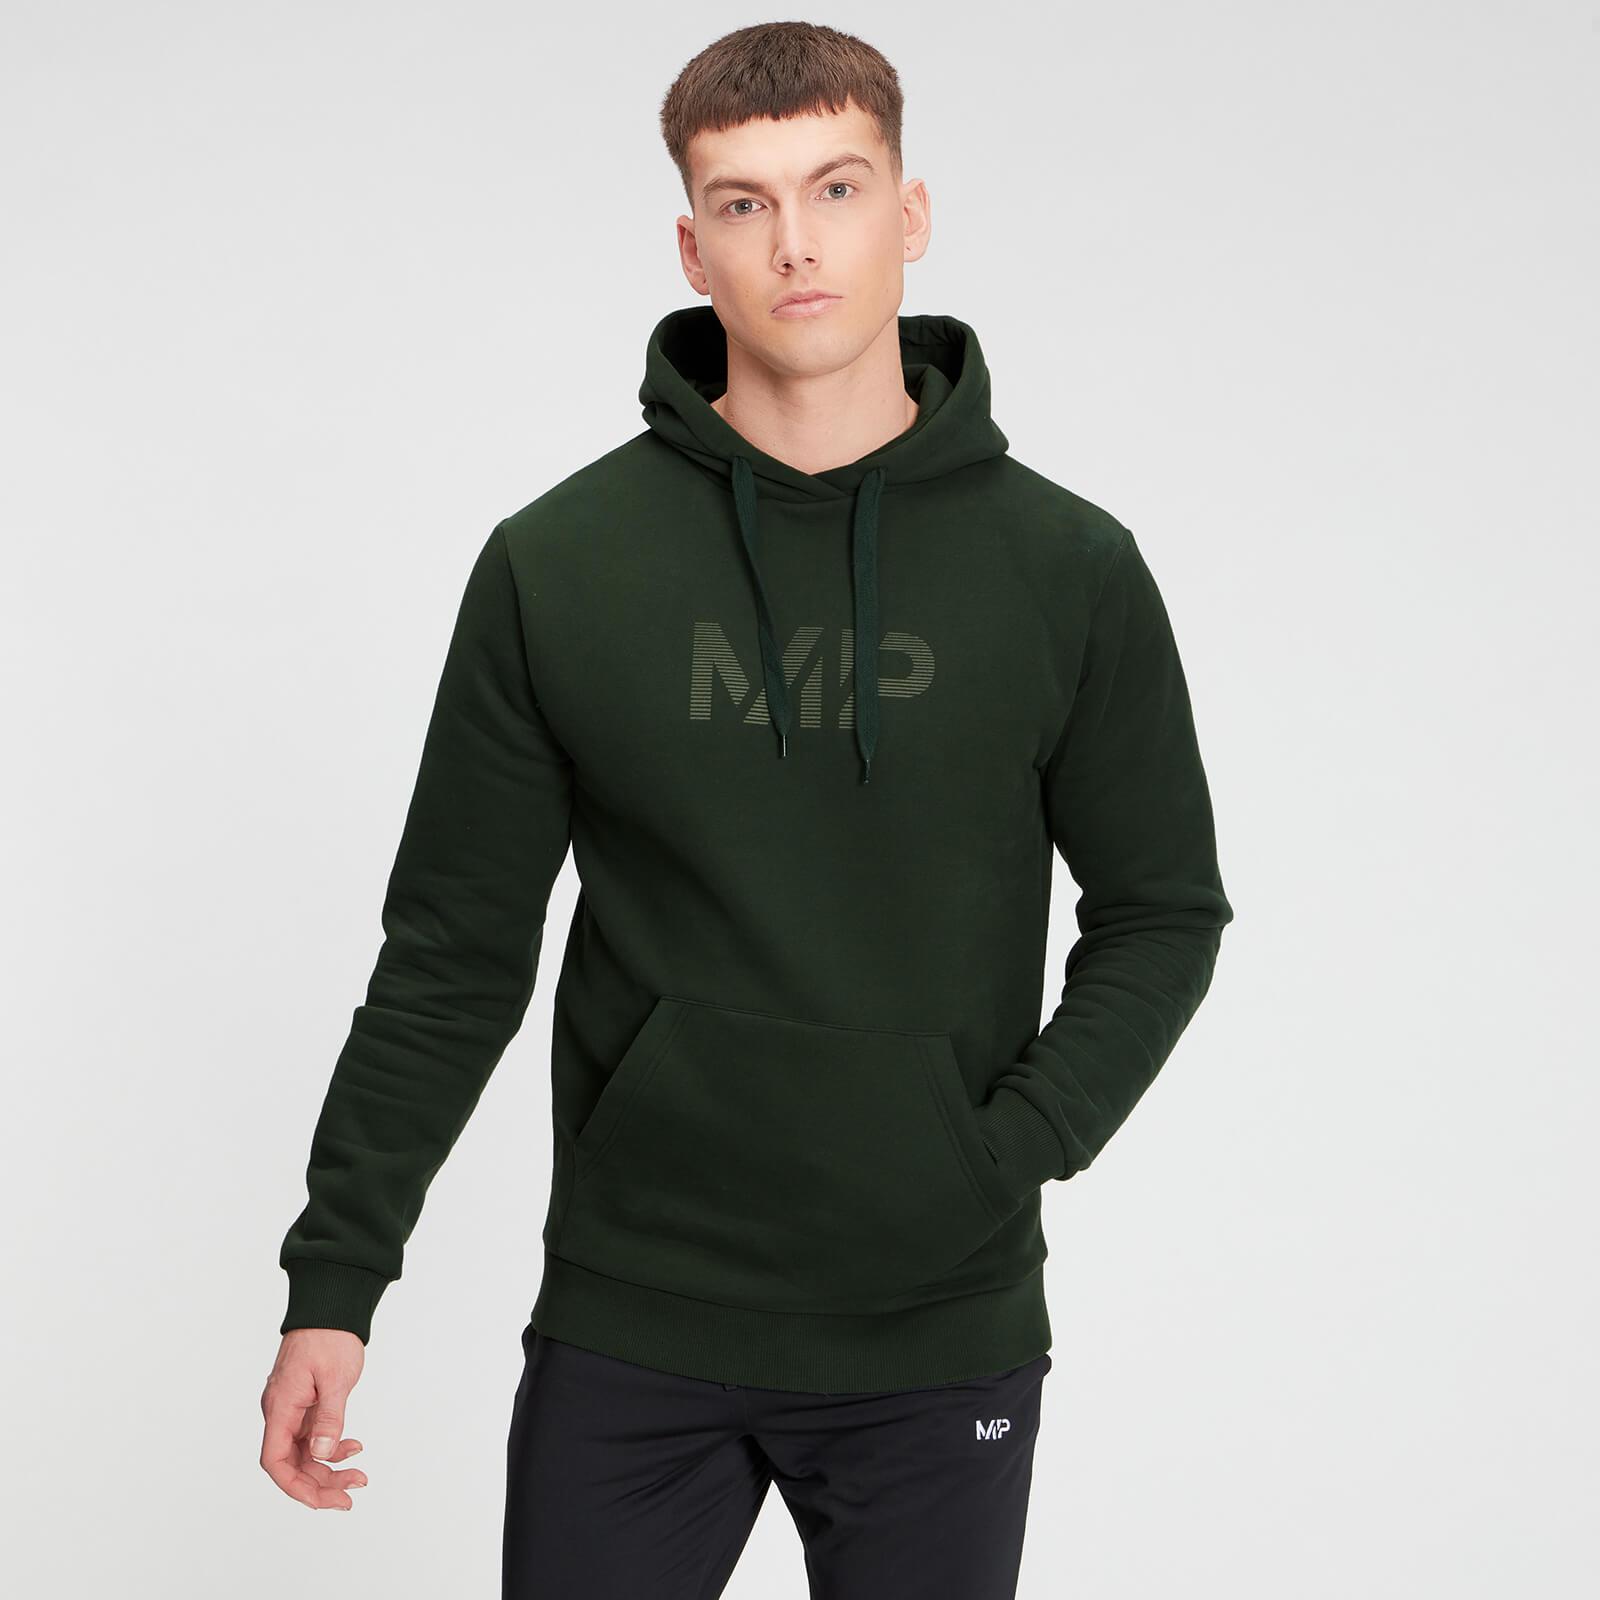 Купить MP Men's Gradient Line Graphic Hoodie - Dark Green - XXXL, Myprotein International